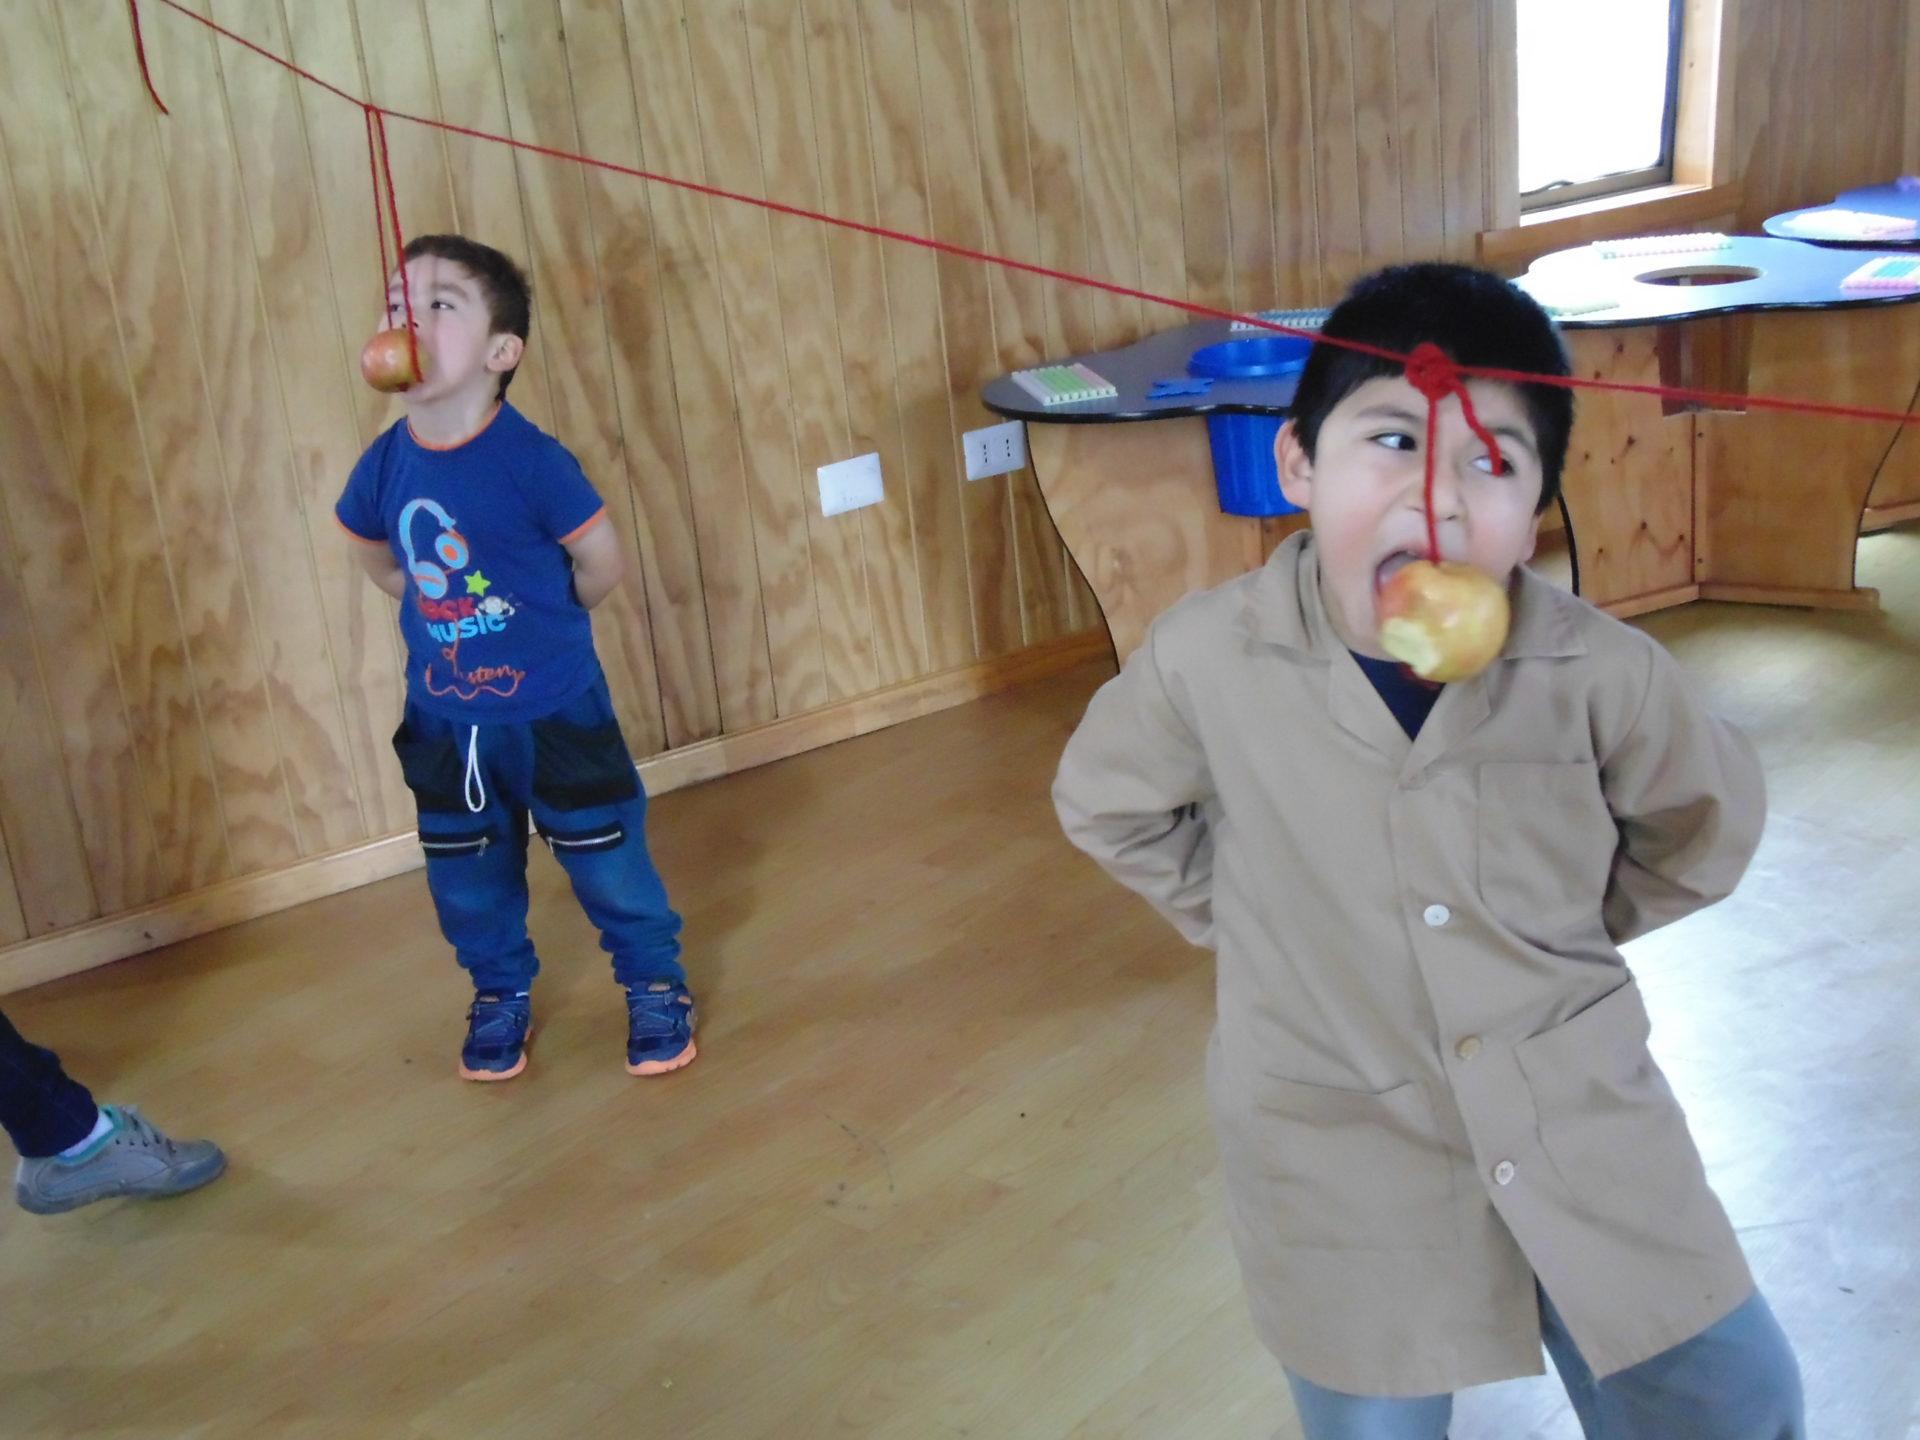 Con Juegos Ninos Celebran Su Dia Escuela Nido De Cisnes